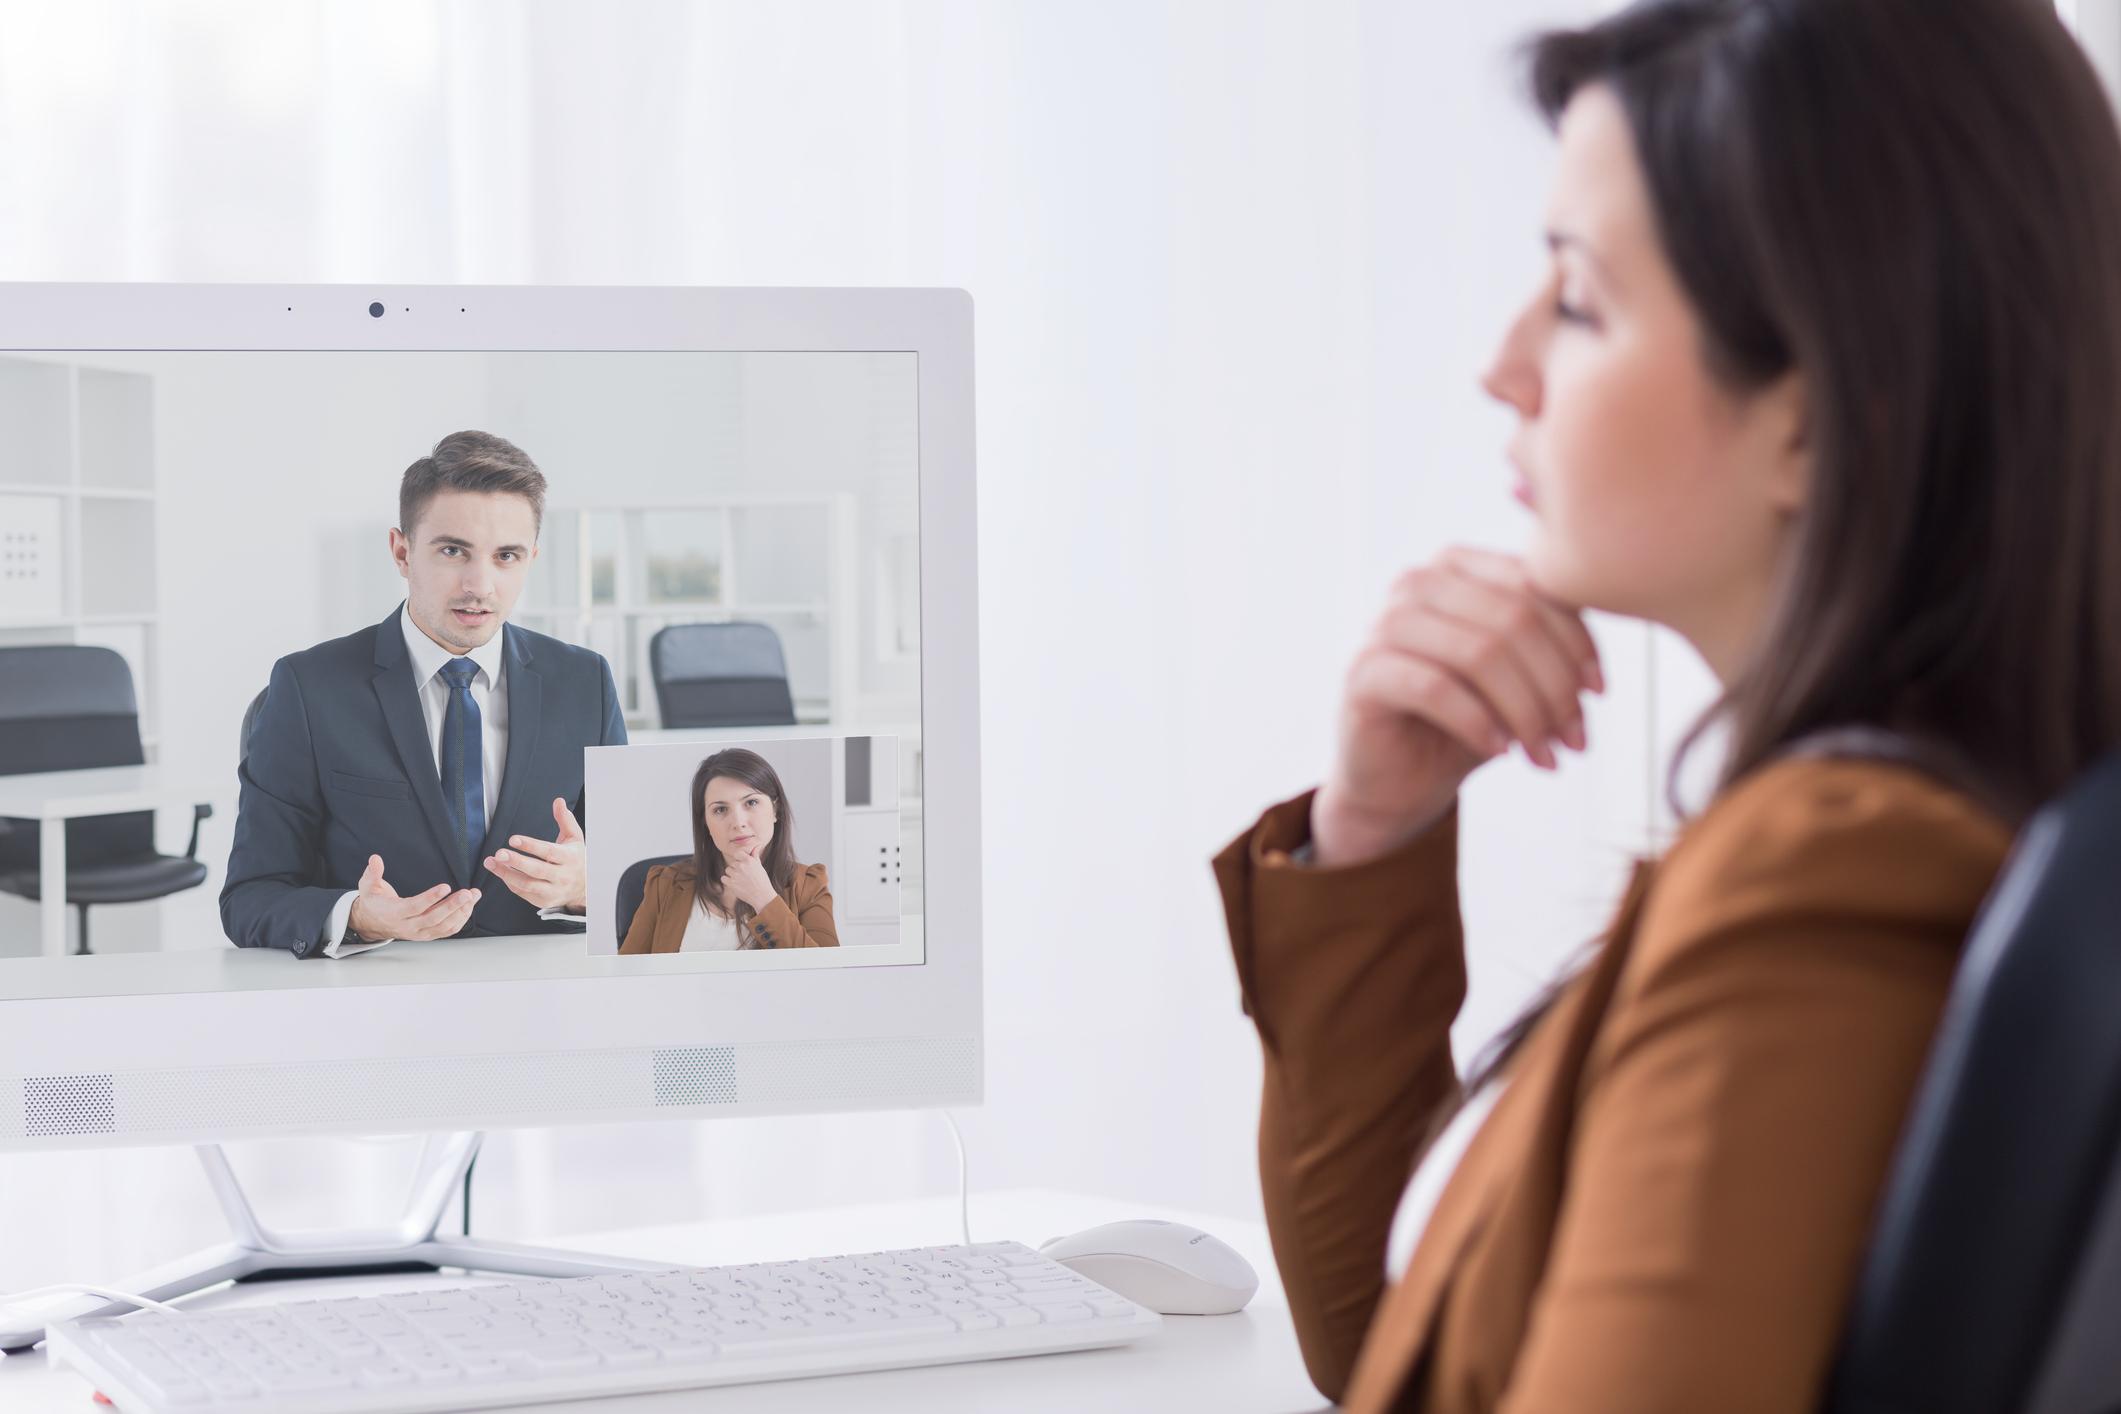 ¿Tienes una entrevista por videoconferencia? ¡Aprende a superarla!